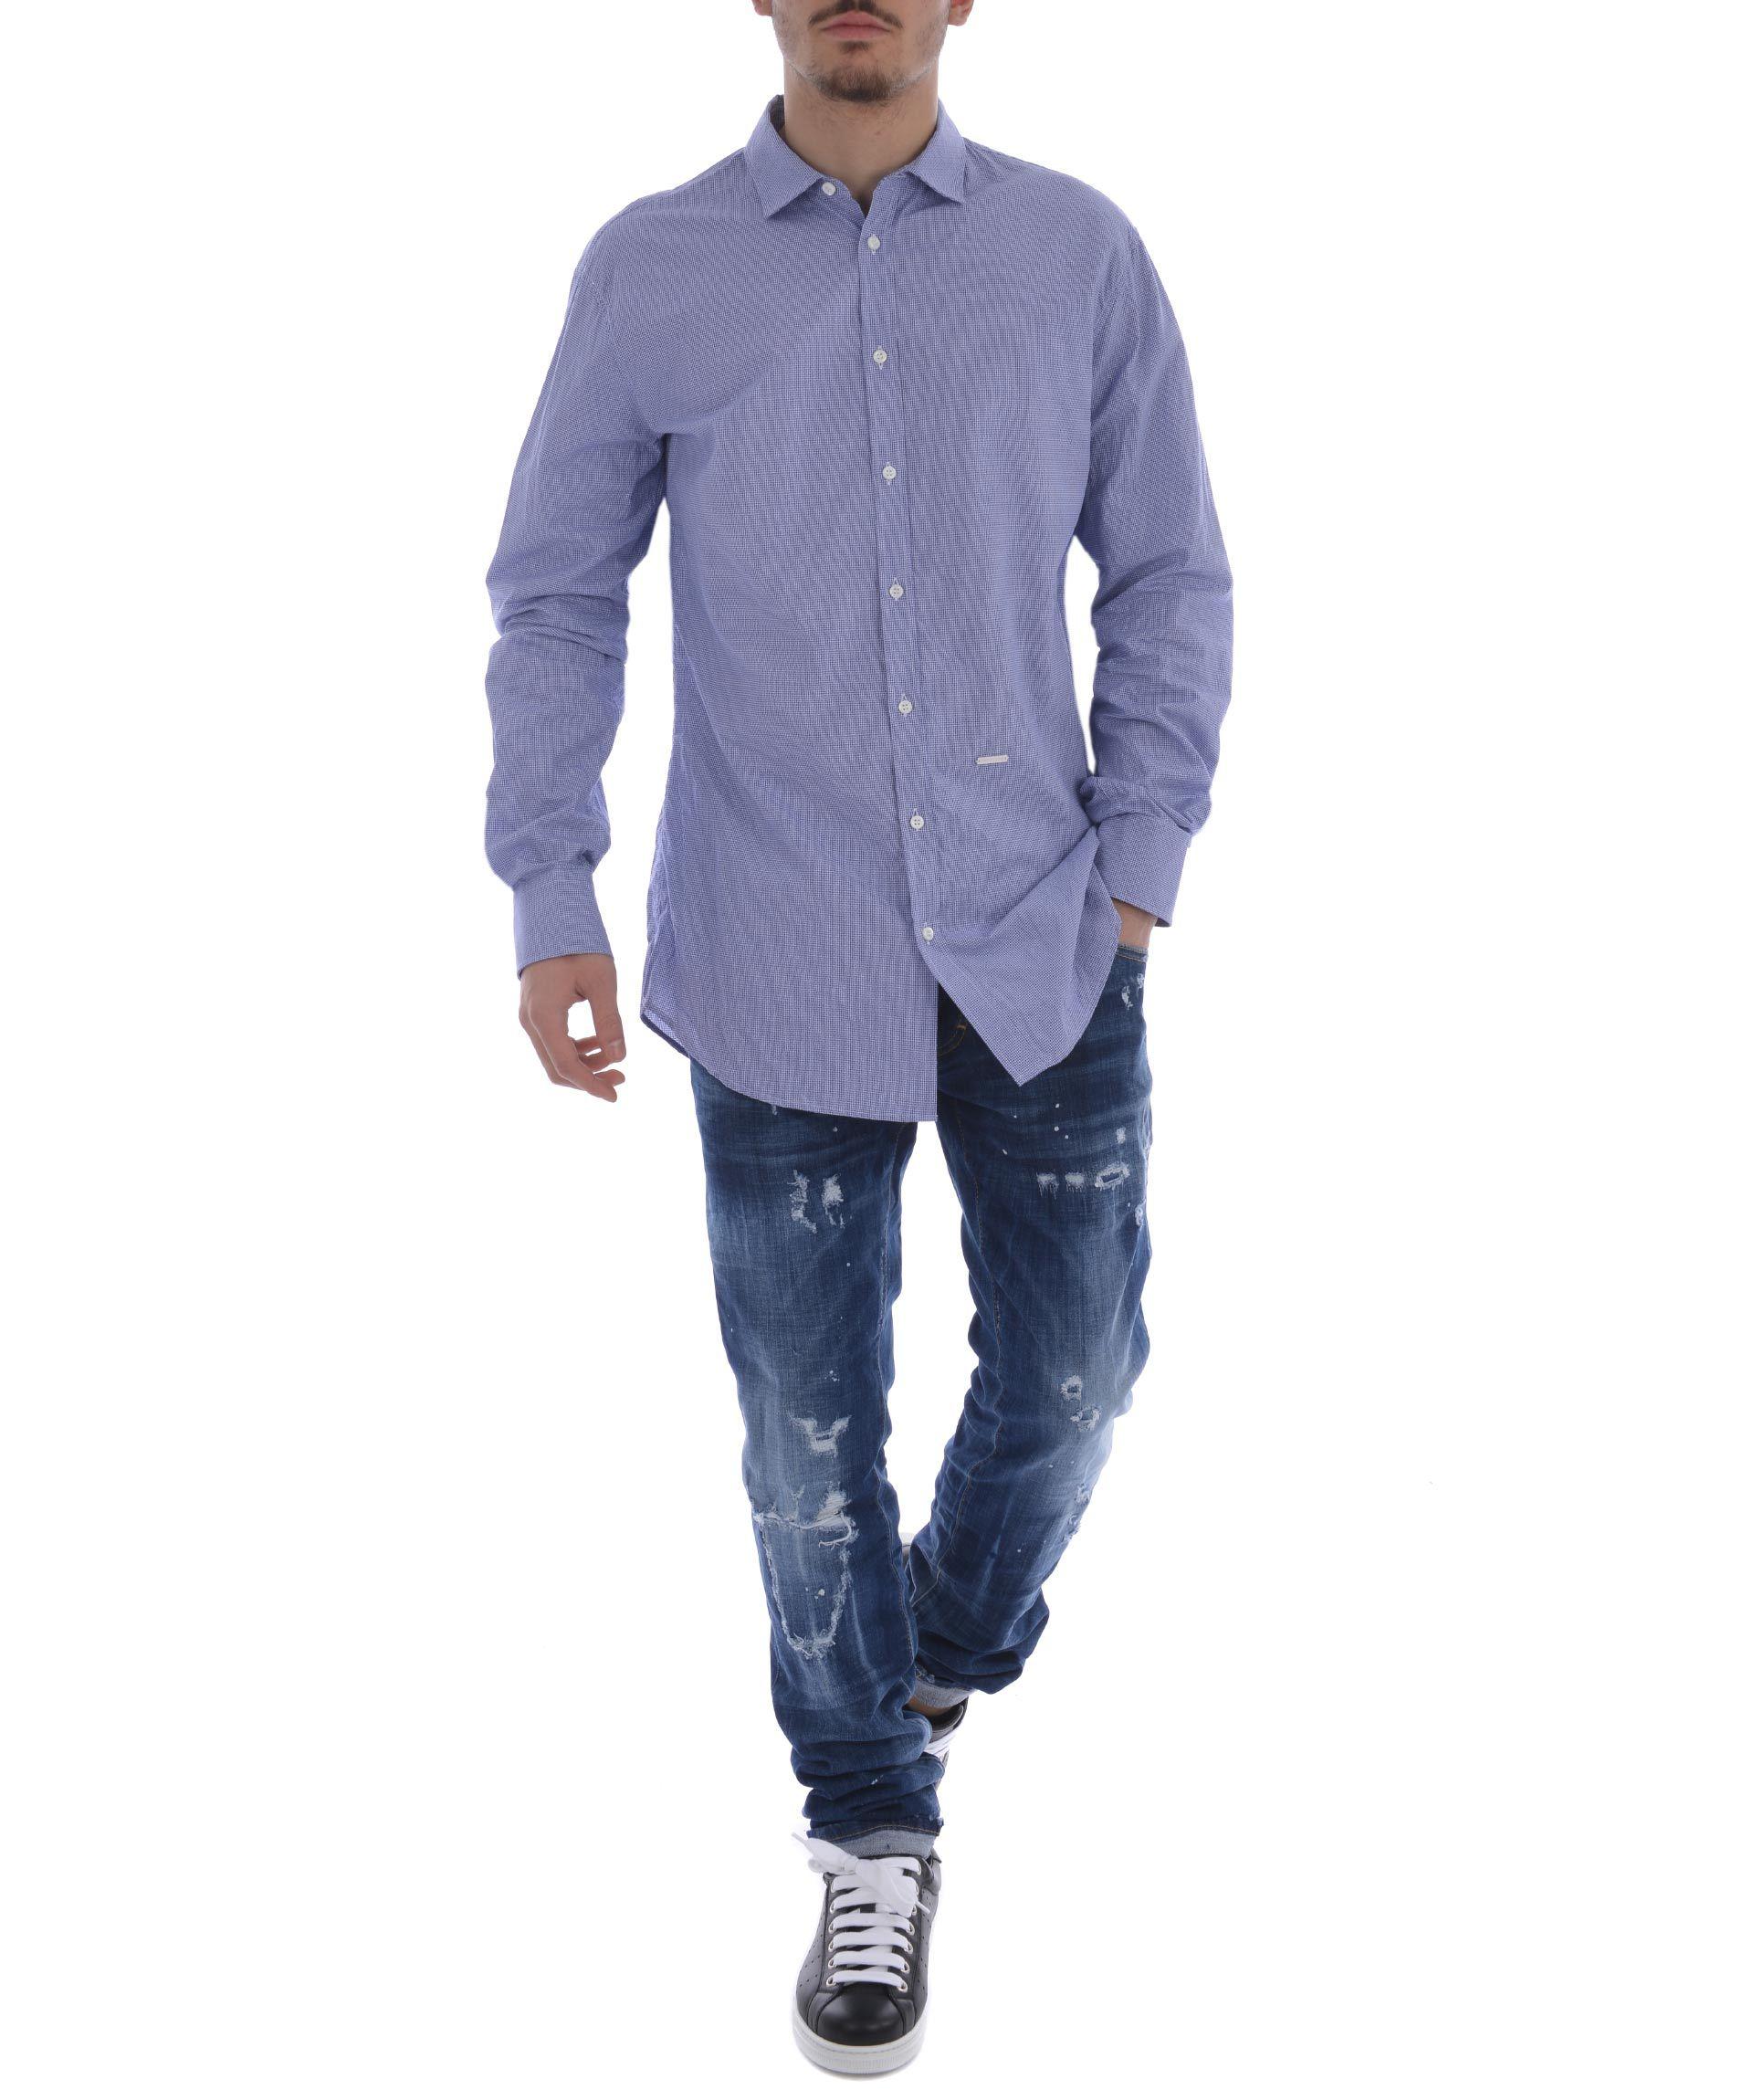 Dsquared2 Jacquard Shirt